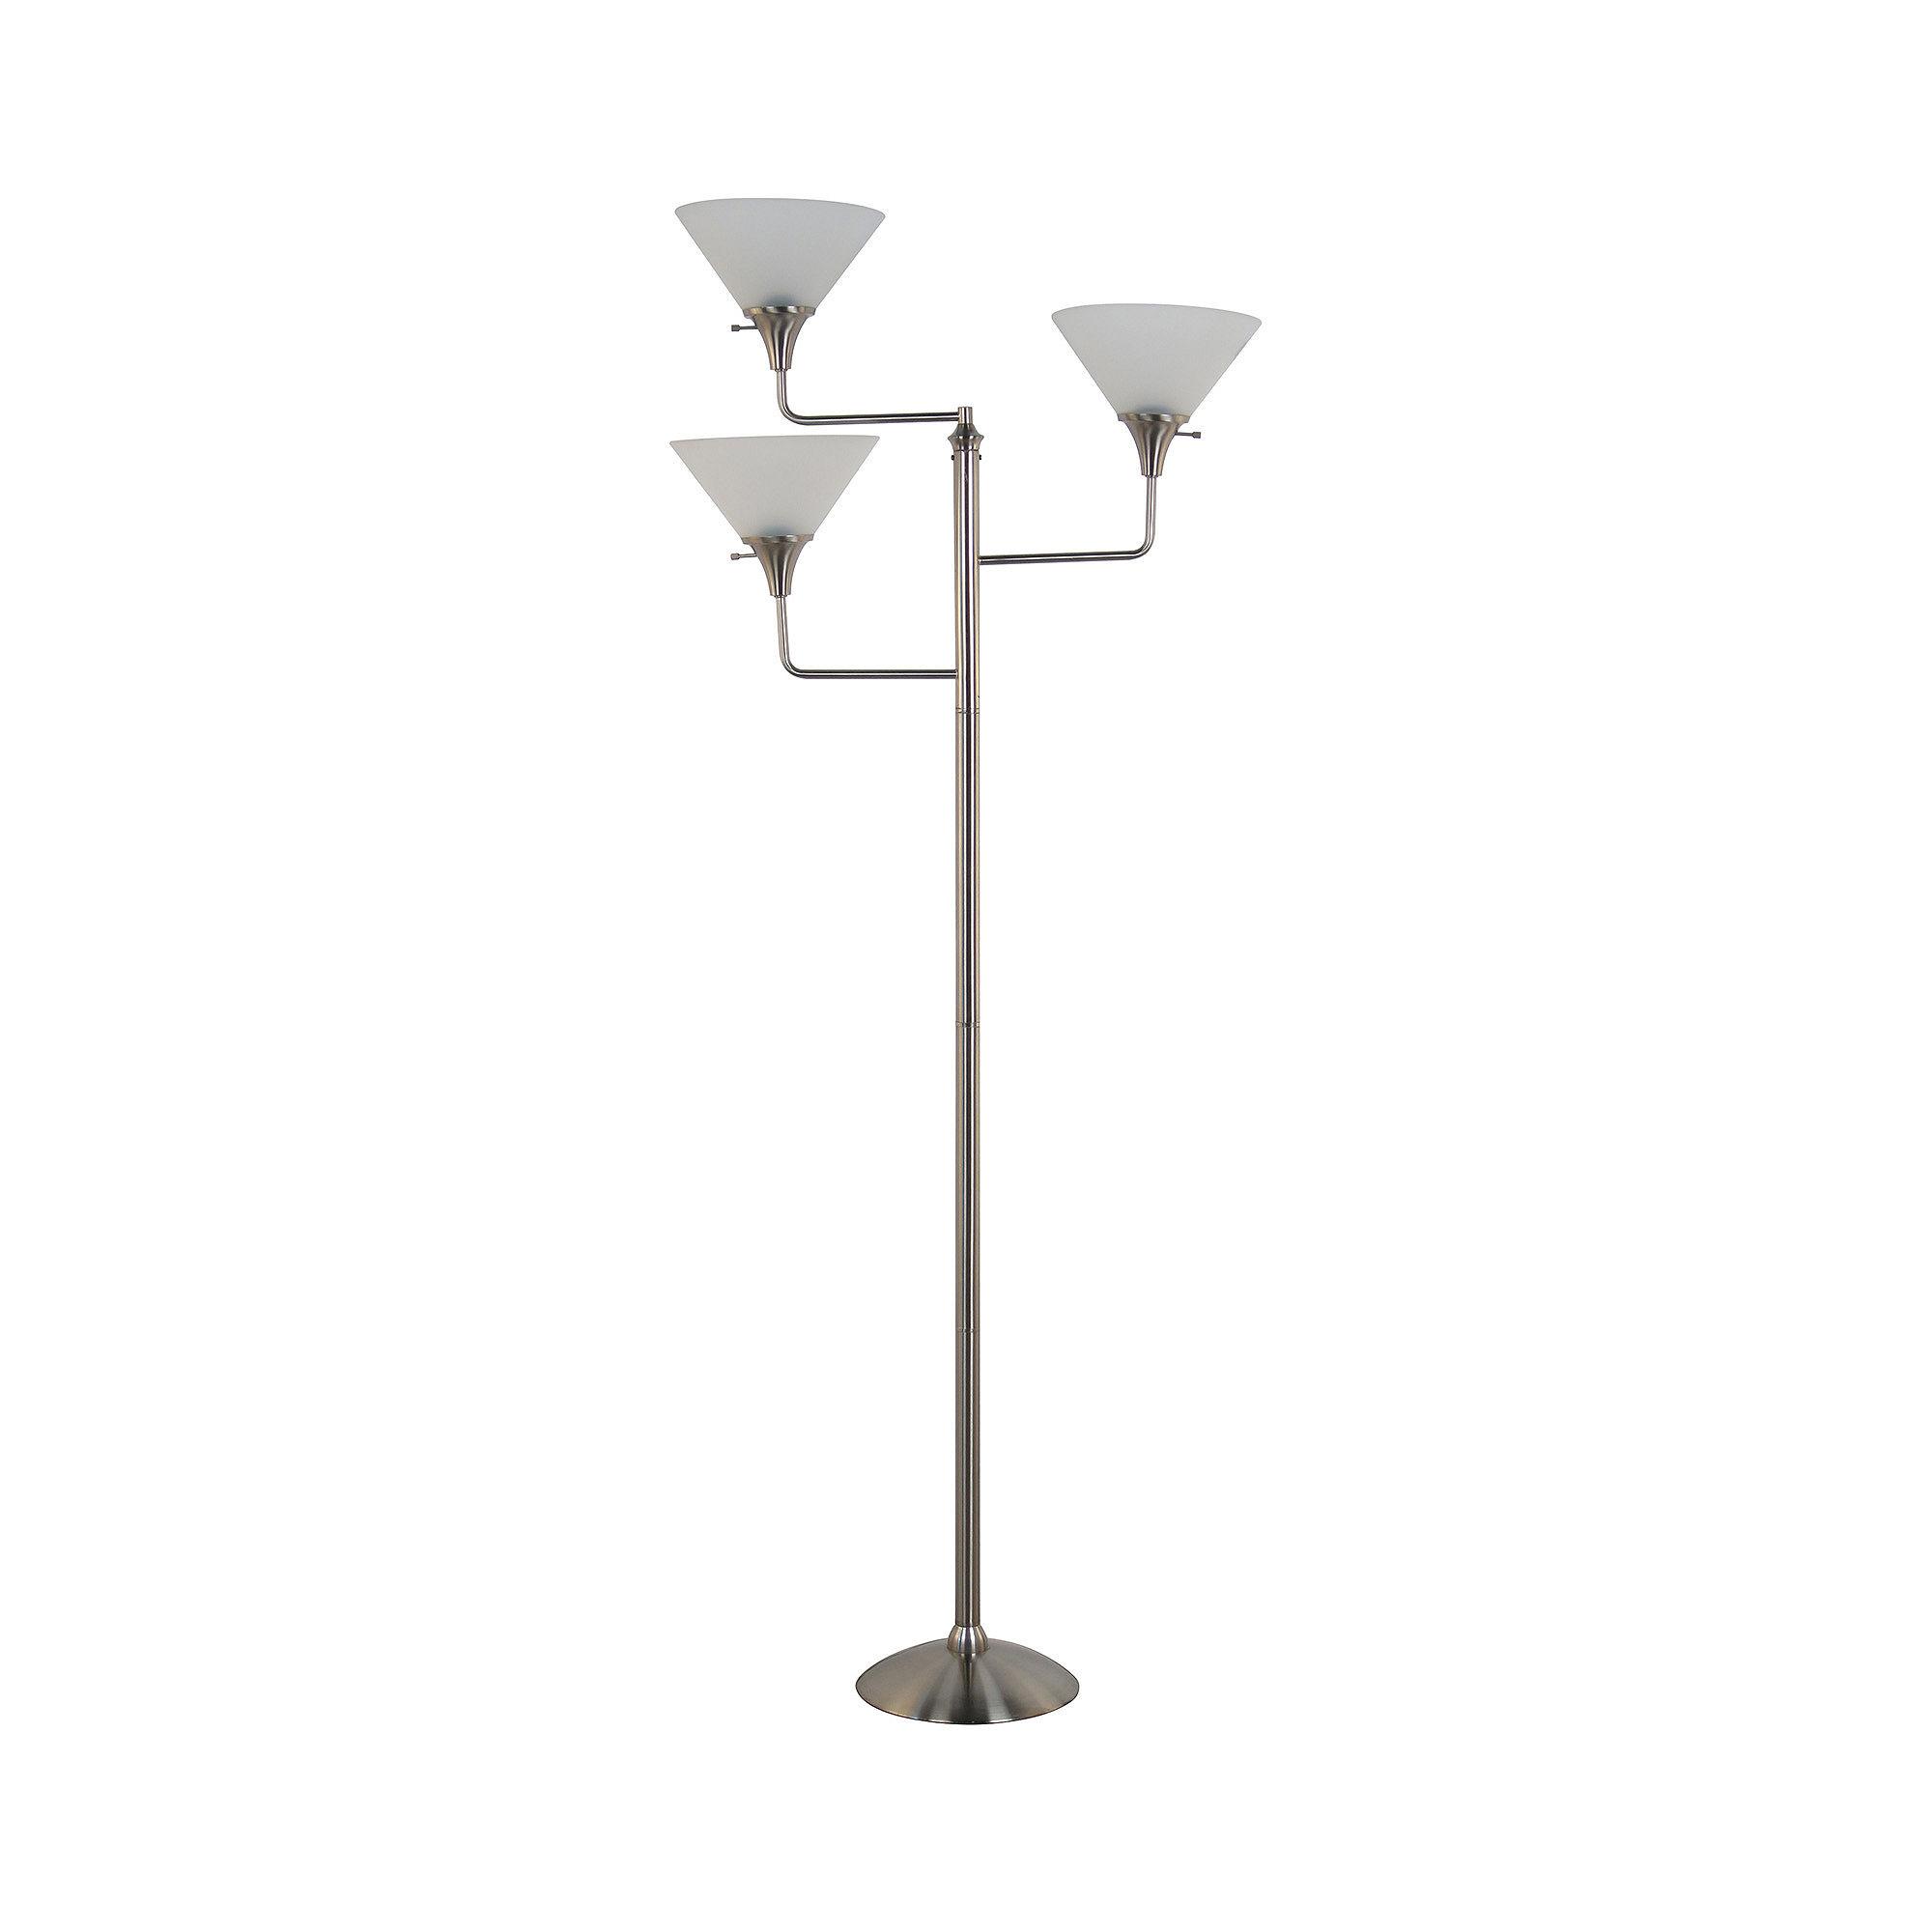 Must Buy Jcpenney Home 3 Light Floor Lamp